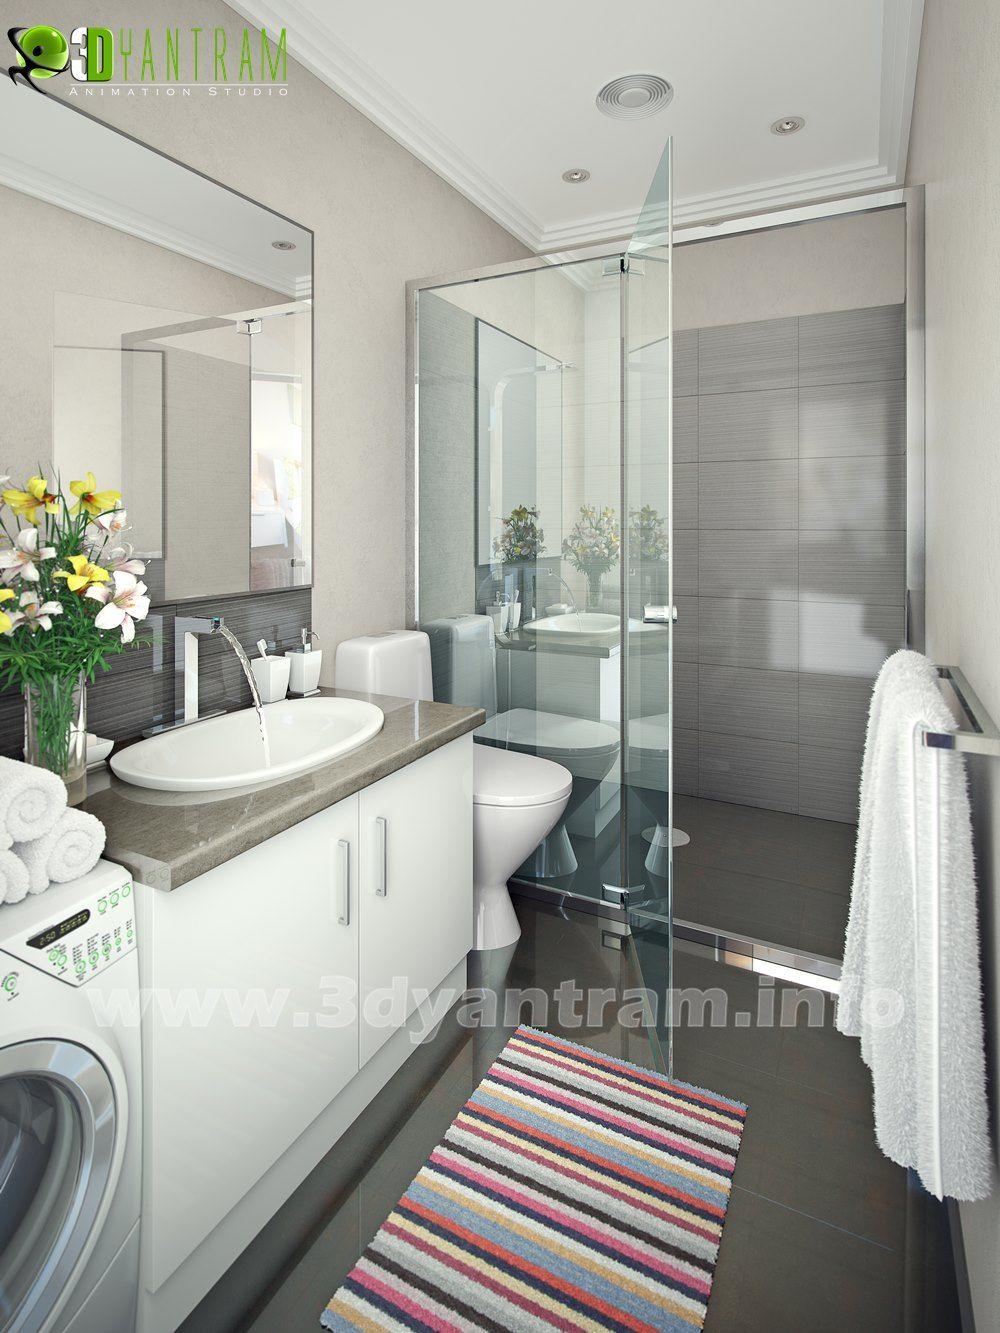 Bathroom Interior Design Studio chennai, india | 3D Interior Design ...